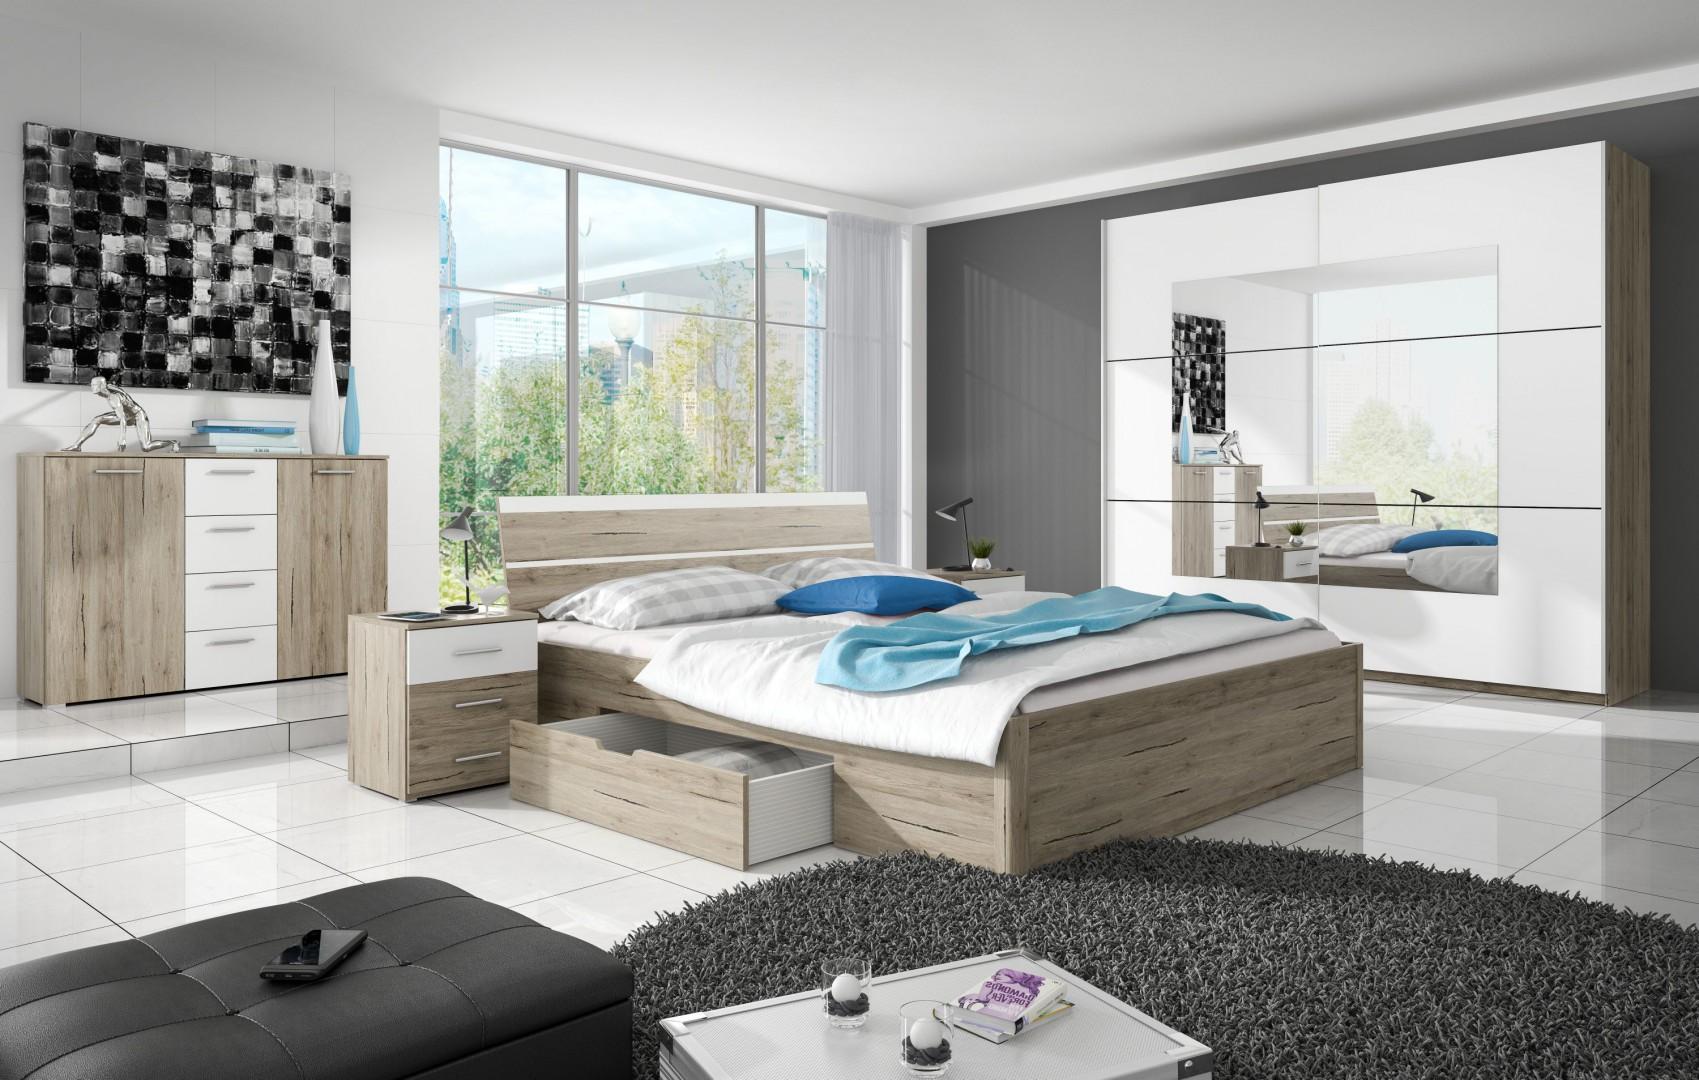 Linia szaf Beta doskonale sprawdza się w sypialniach. Kolekcja szaf przesuwnych obejmuje kilkanaście typów różniących się między sobą kolorystyką korpusów oraz kolorystyką i wykonaniem drzwi. Fot. Helvetia Weruszów